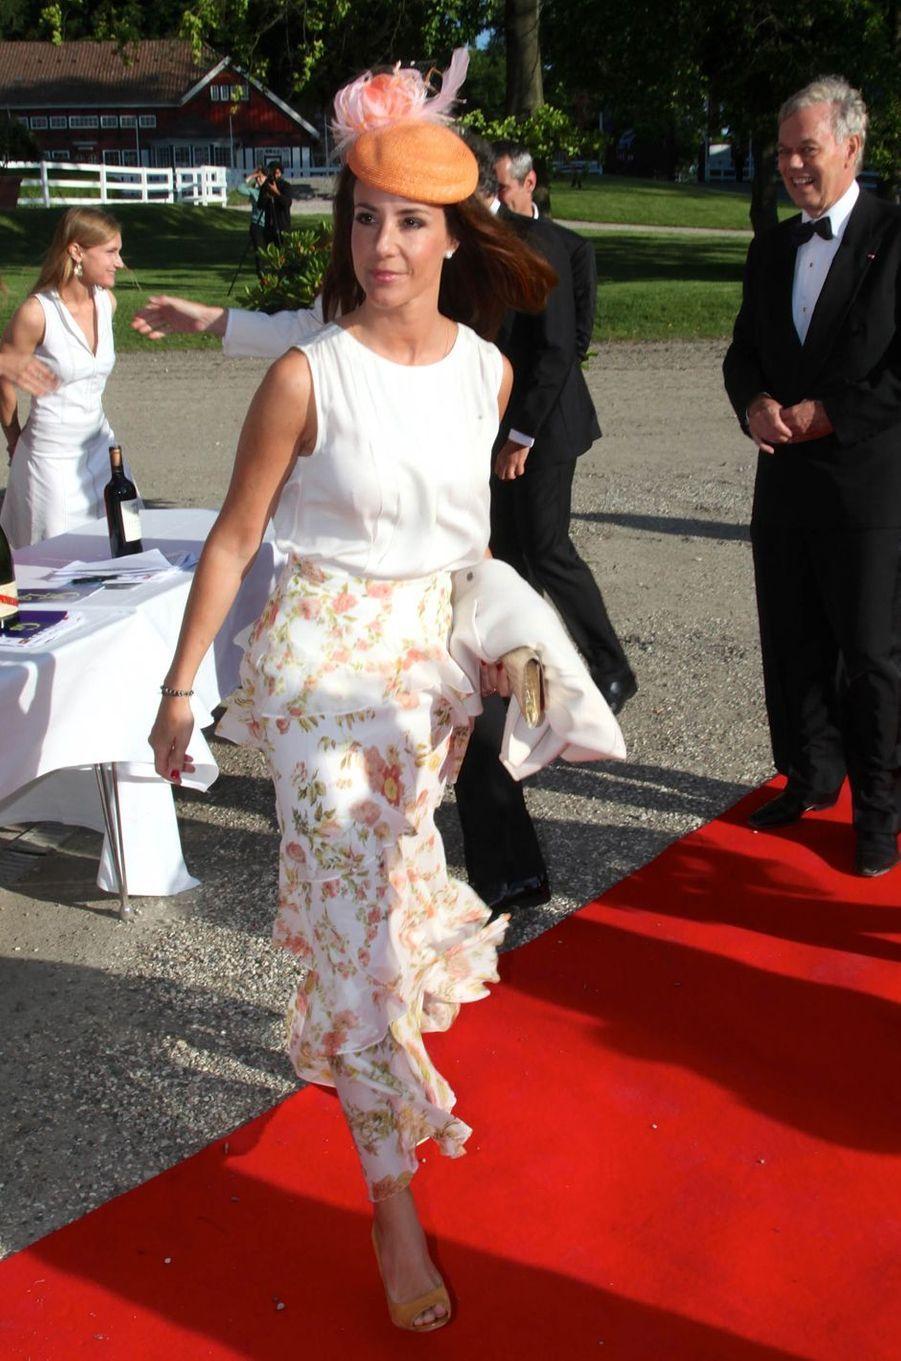 La princesse Marie de Danemark à Klampenborg, le 14 juin 2017